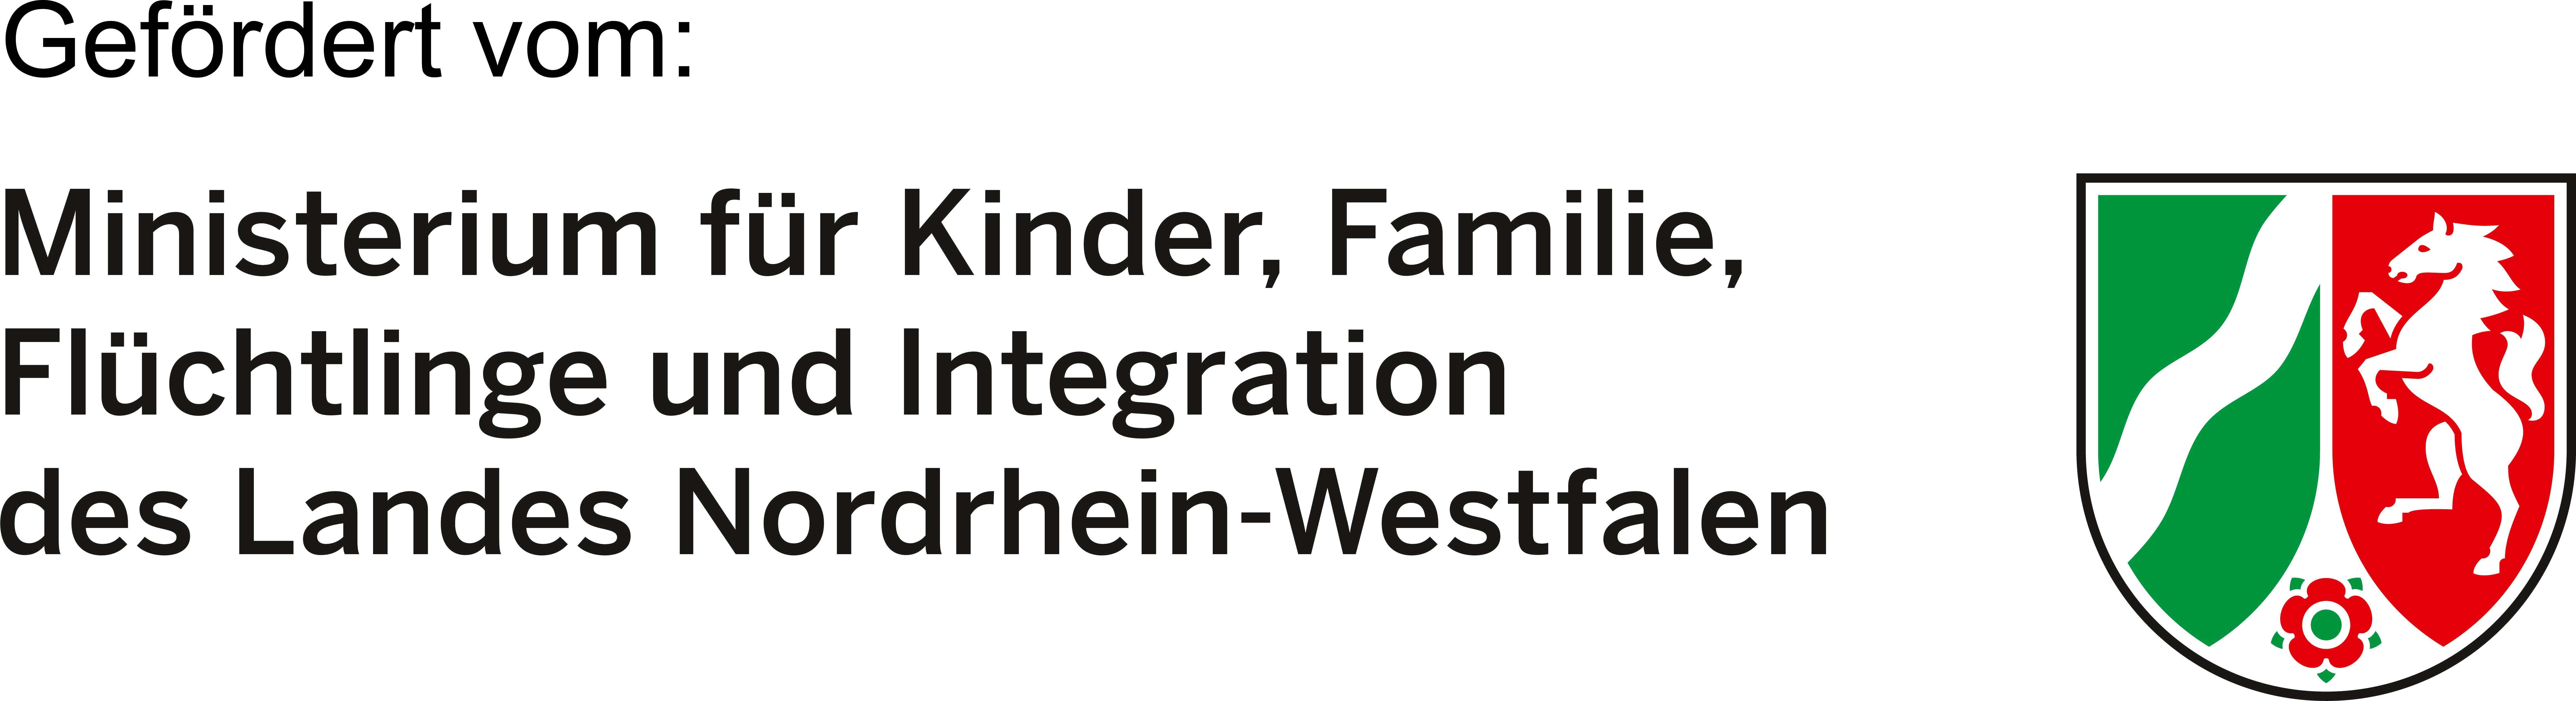 Logo vom Ministerium für Kinder, Familie, Flüchtlinge und Integration des Landes Nordrhein-Westfalen